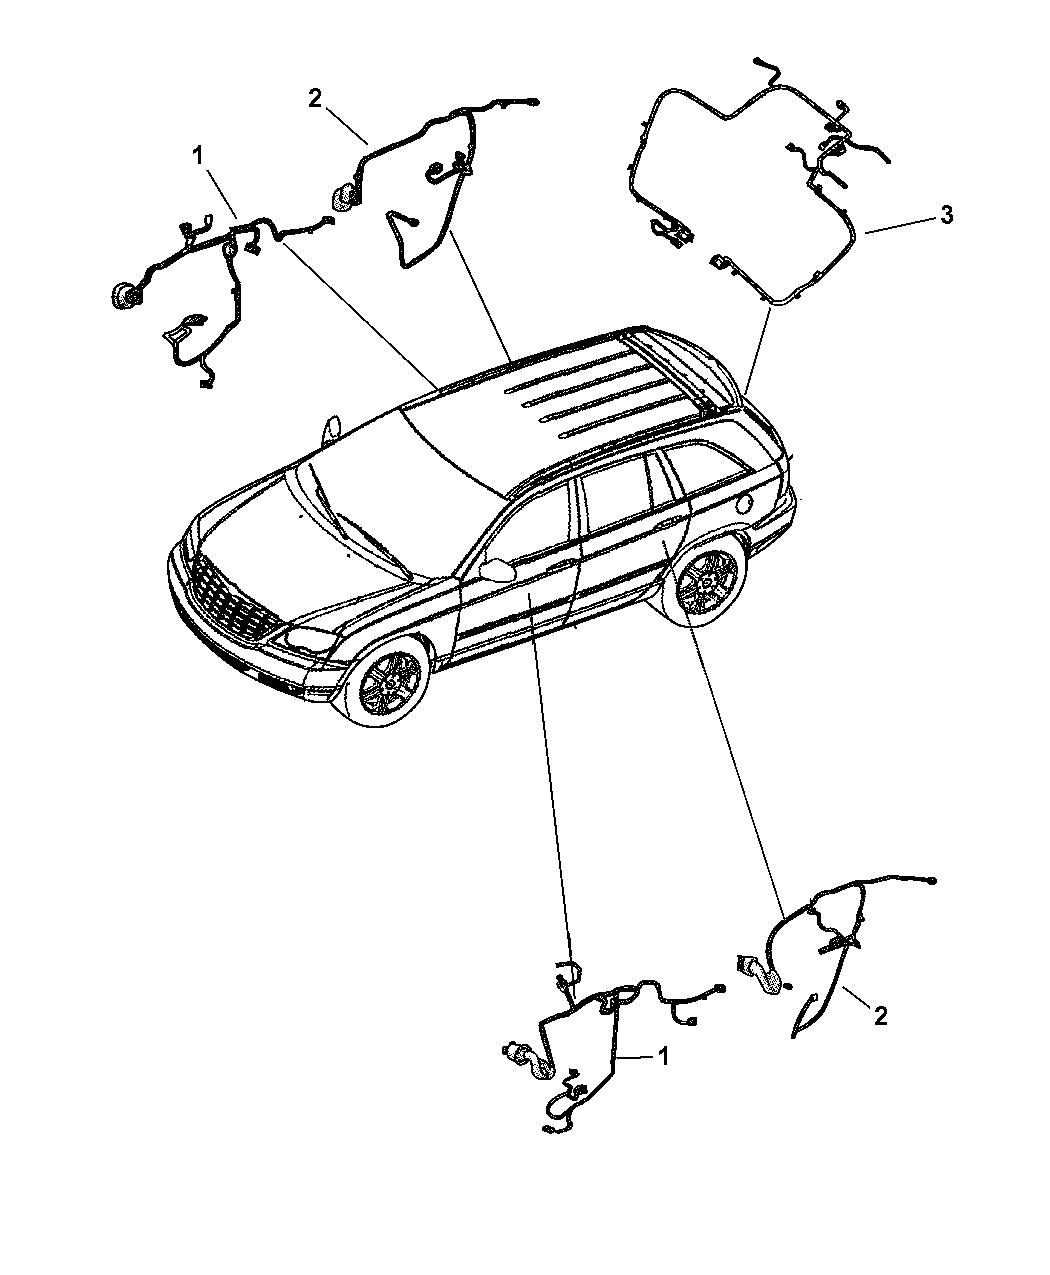 roger vivi ersaks: 2008 Chrysler Pacifica Wiring Diagram